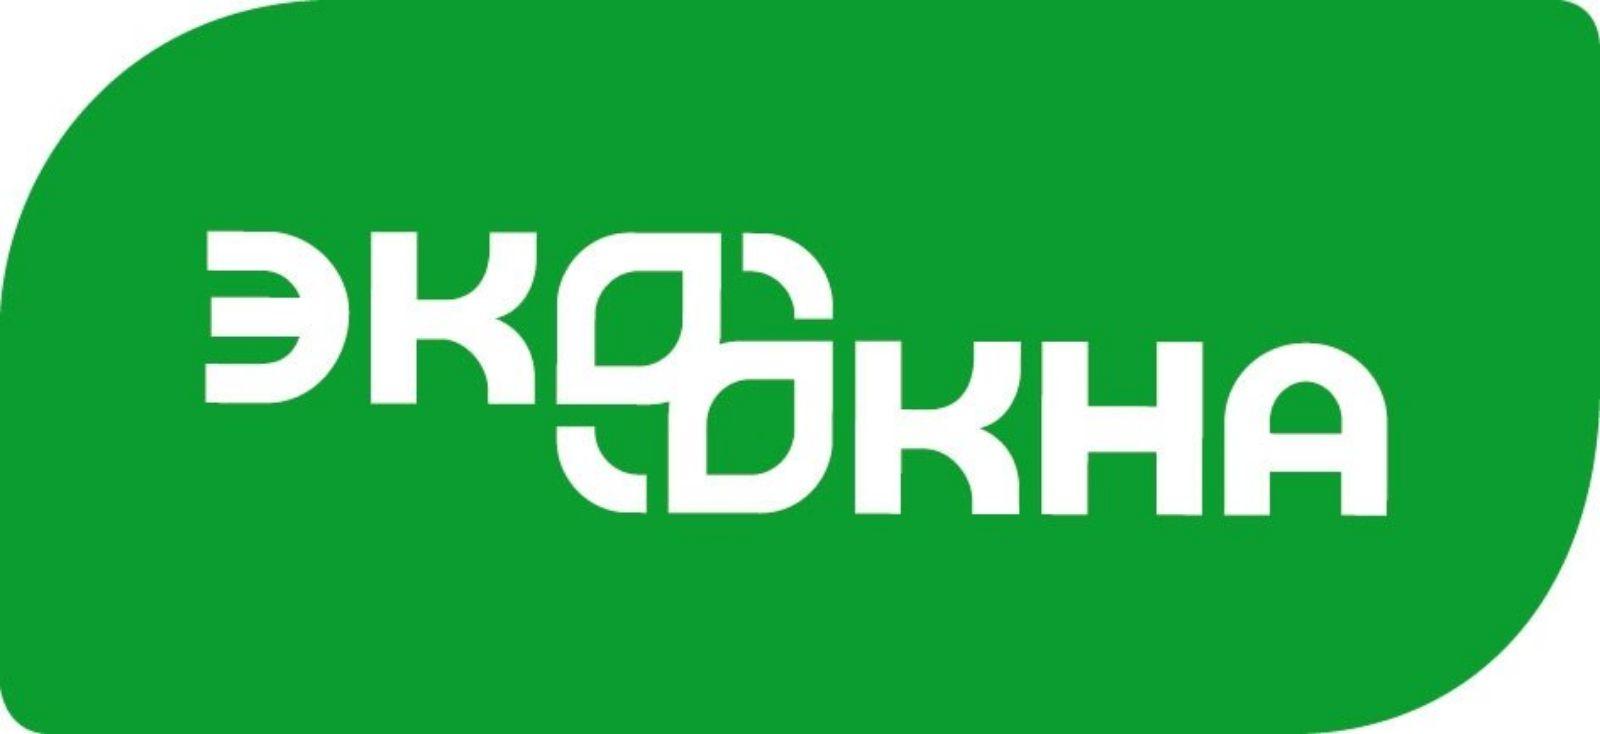 Логотип ЭКООКНА — один из лидеров российского рынка светопрозрачных конструкций. С 2002 года компания производит, поставляет и обслуживает двери и окна из пластикового профиля VEKA, алюминия и дерева, а также зенитные фонари, зимние сады, входные группы, фасадные системы.